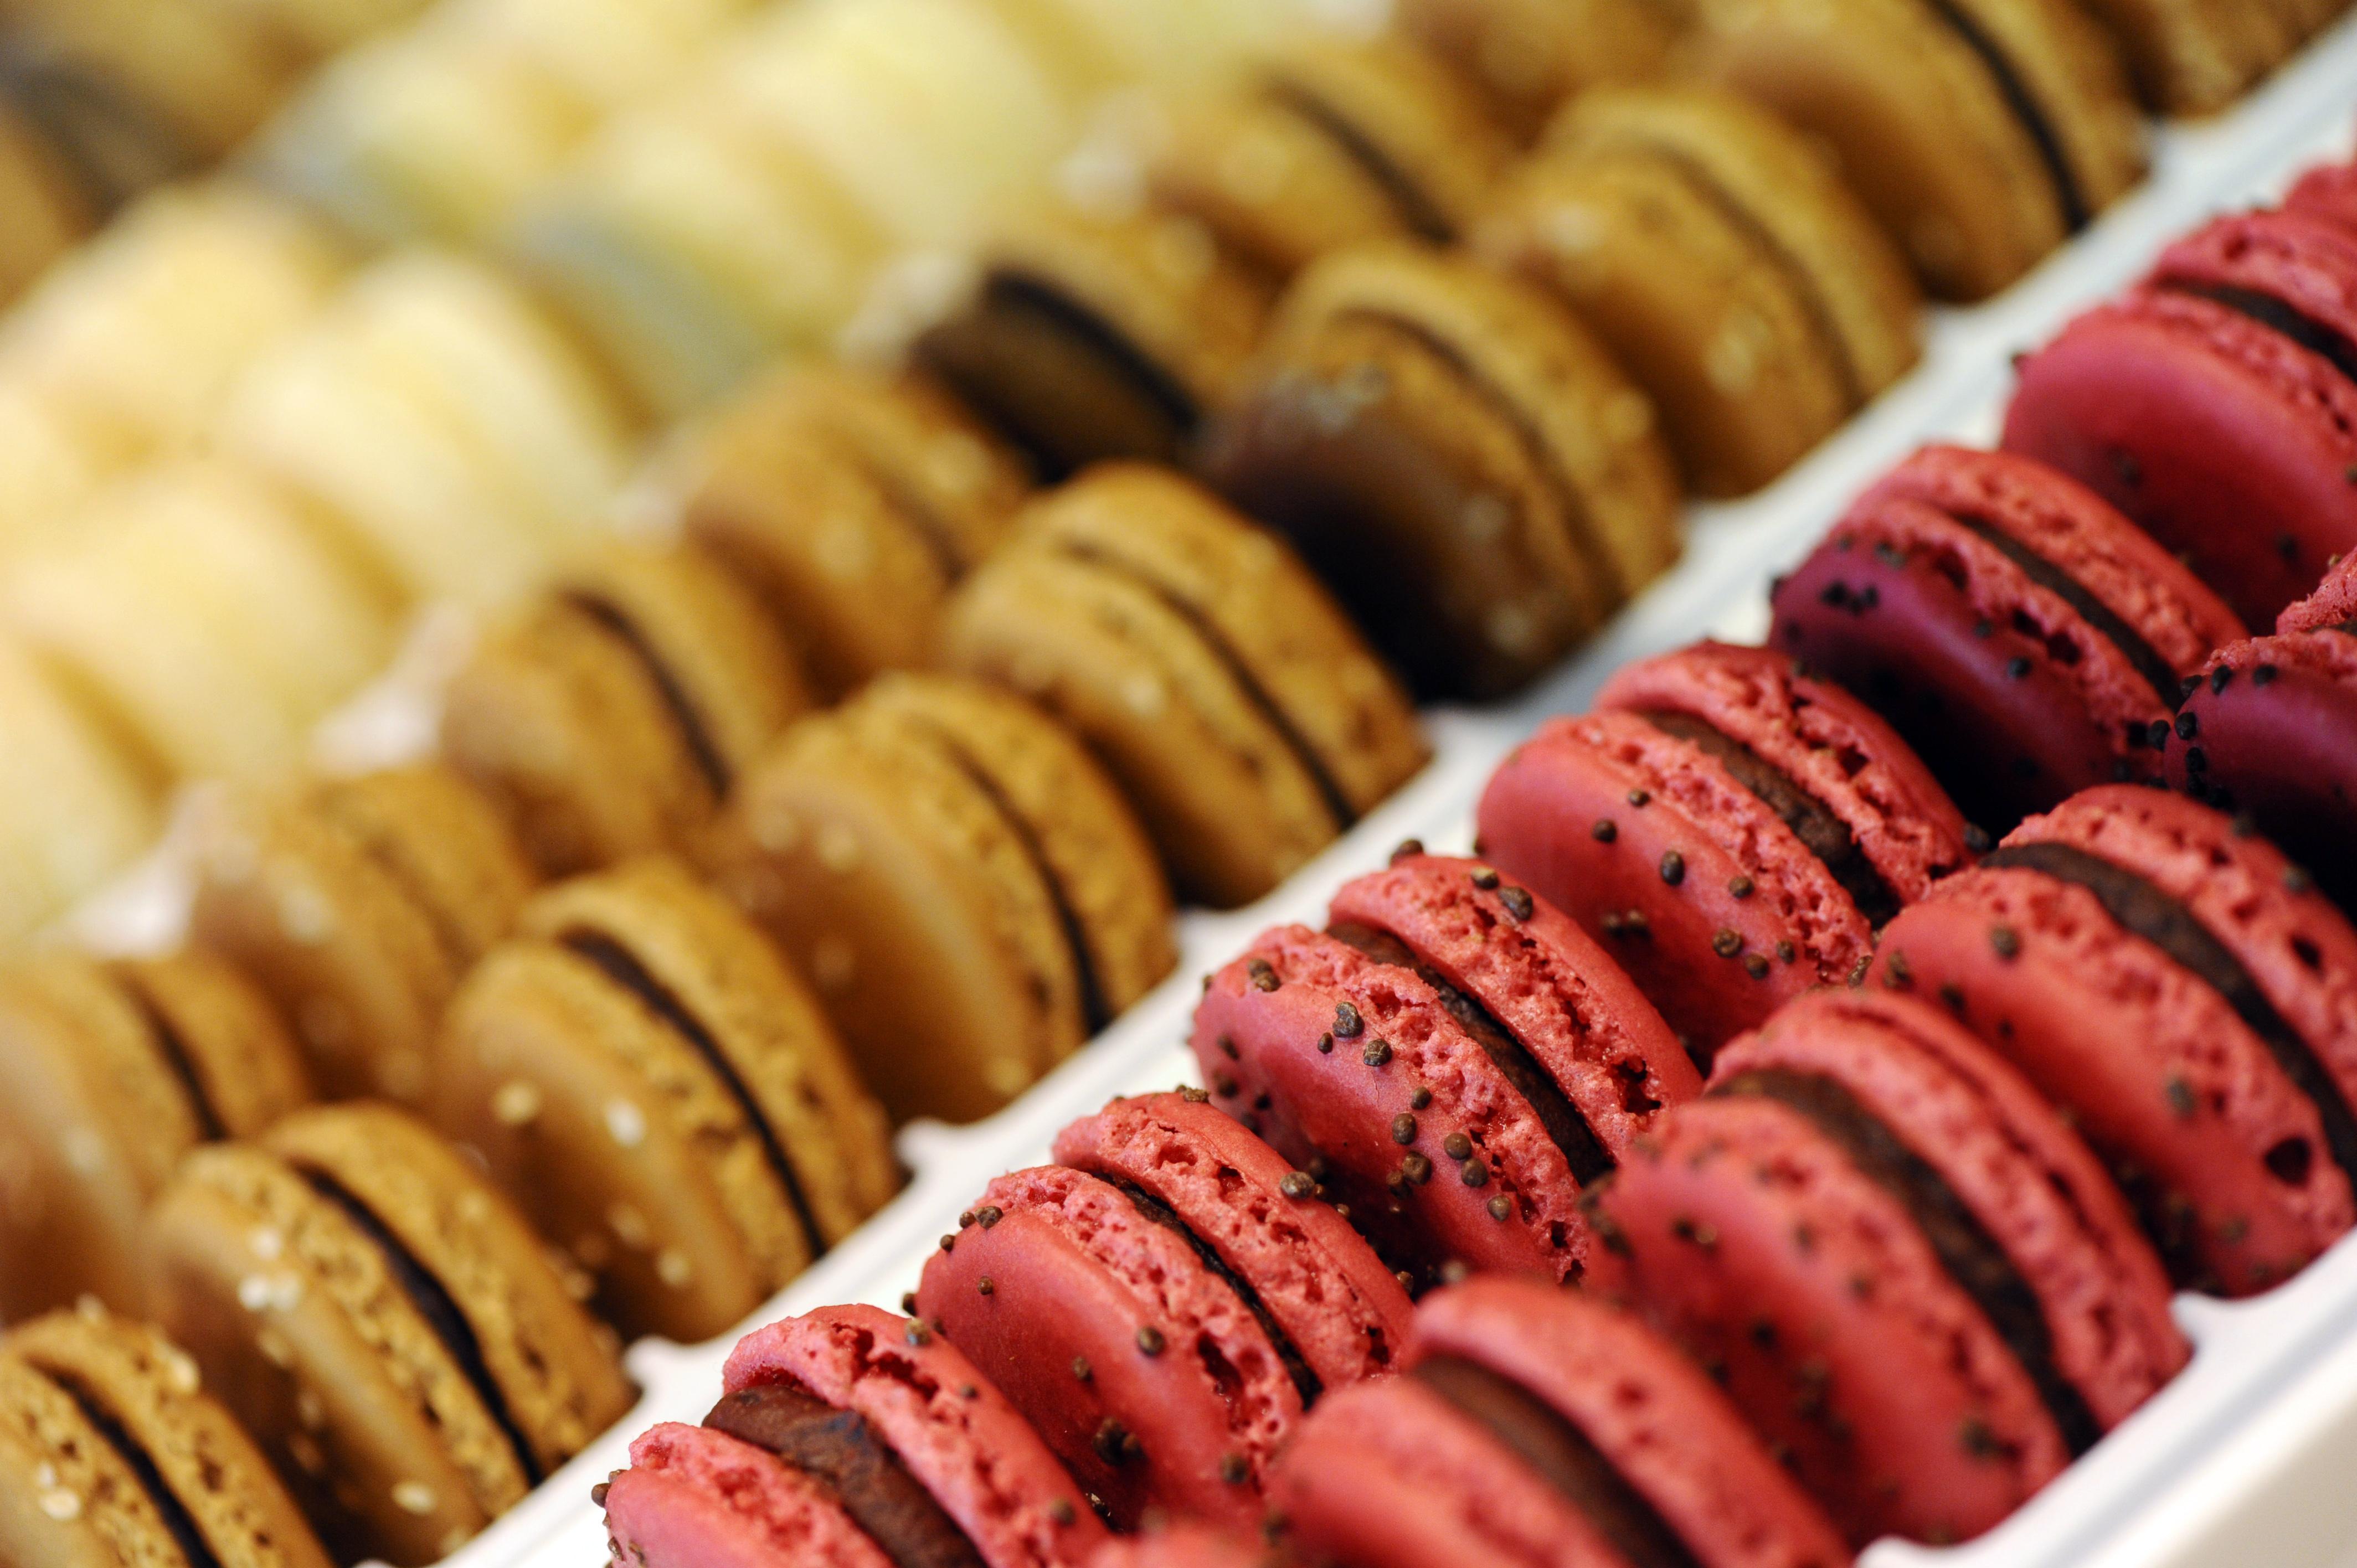 Cookies Hd